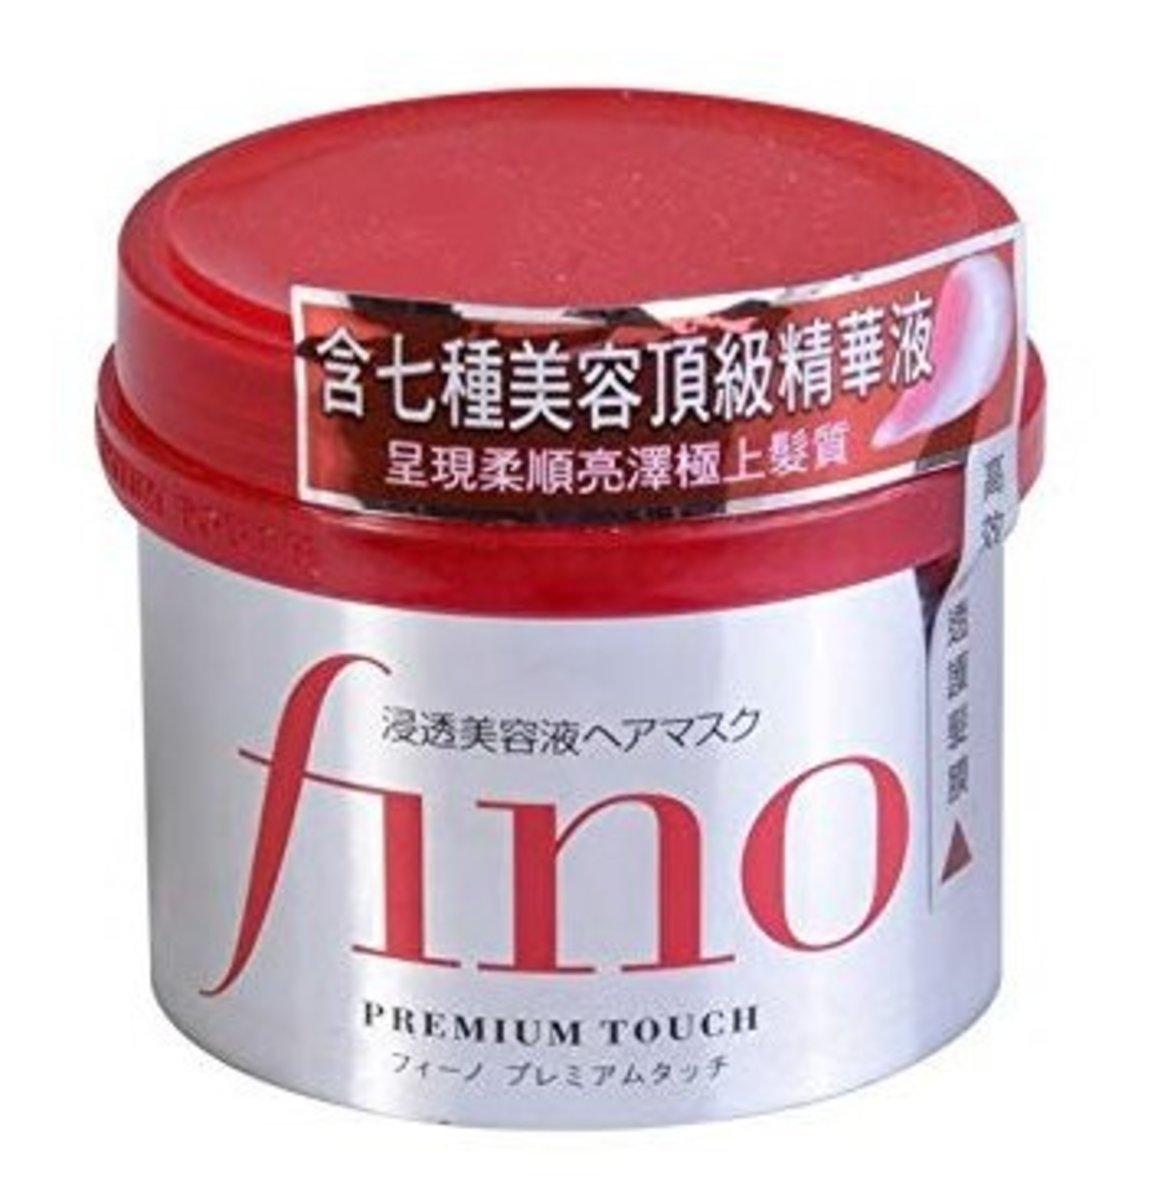 Fino Premium Touch Hair Mask 230g (Taiwan Version)